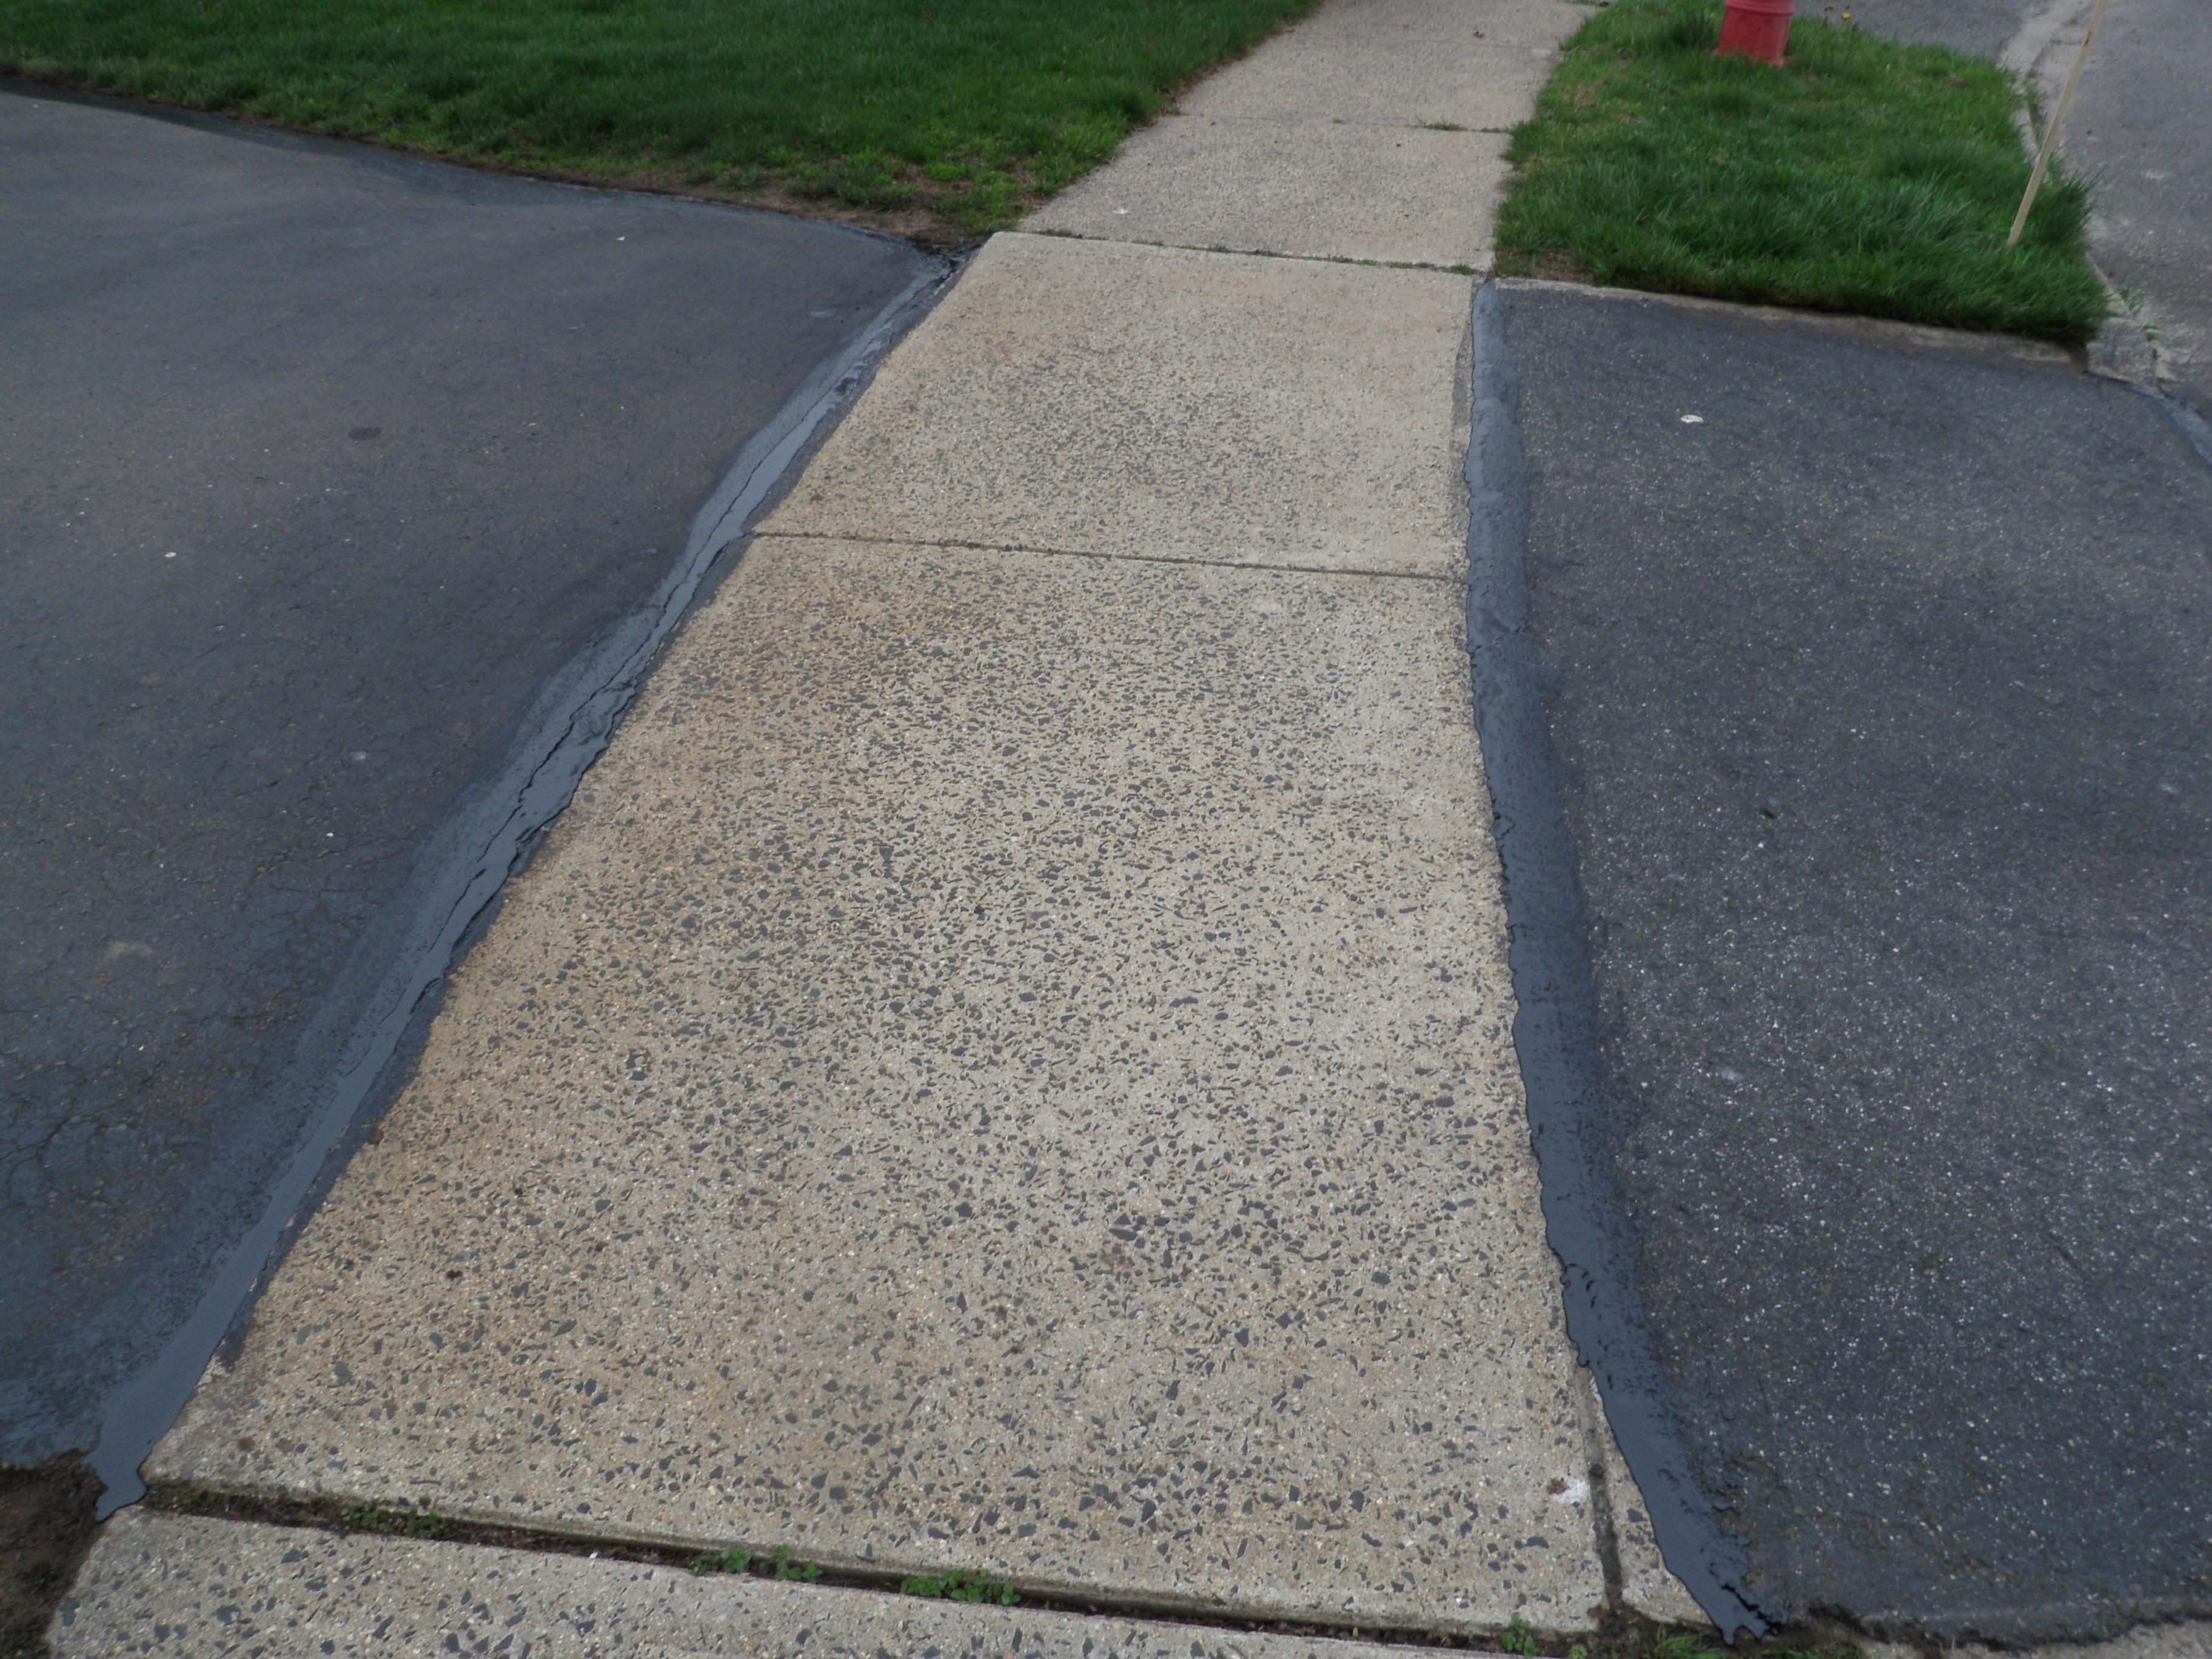 Driveway Sealant Each Side of Sidewalk